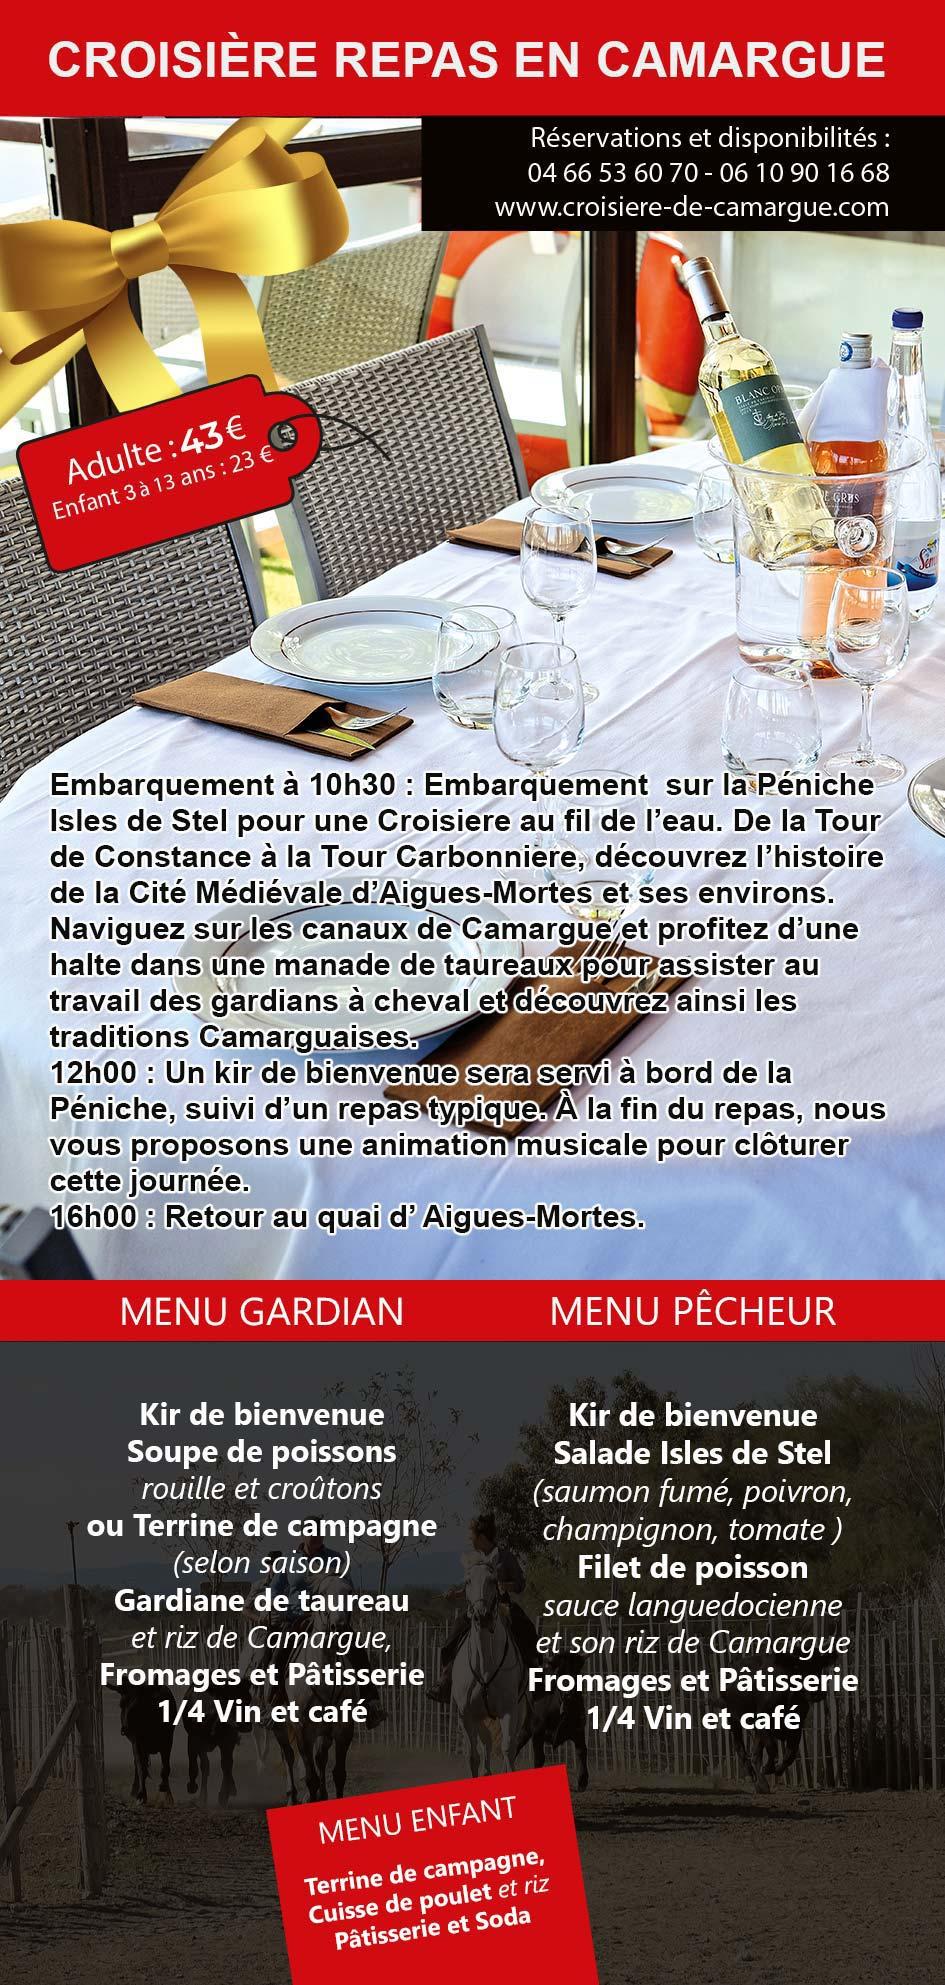 bon cadeau croisière repas en Camargue